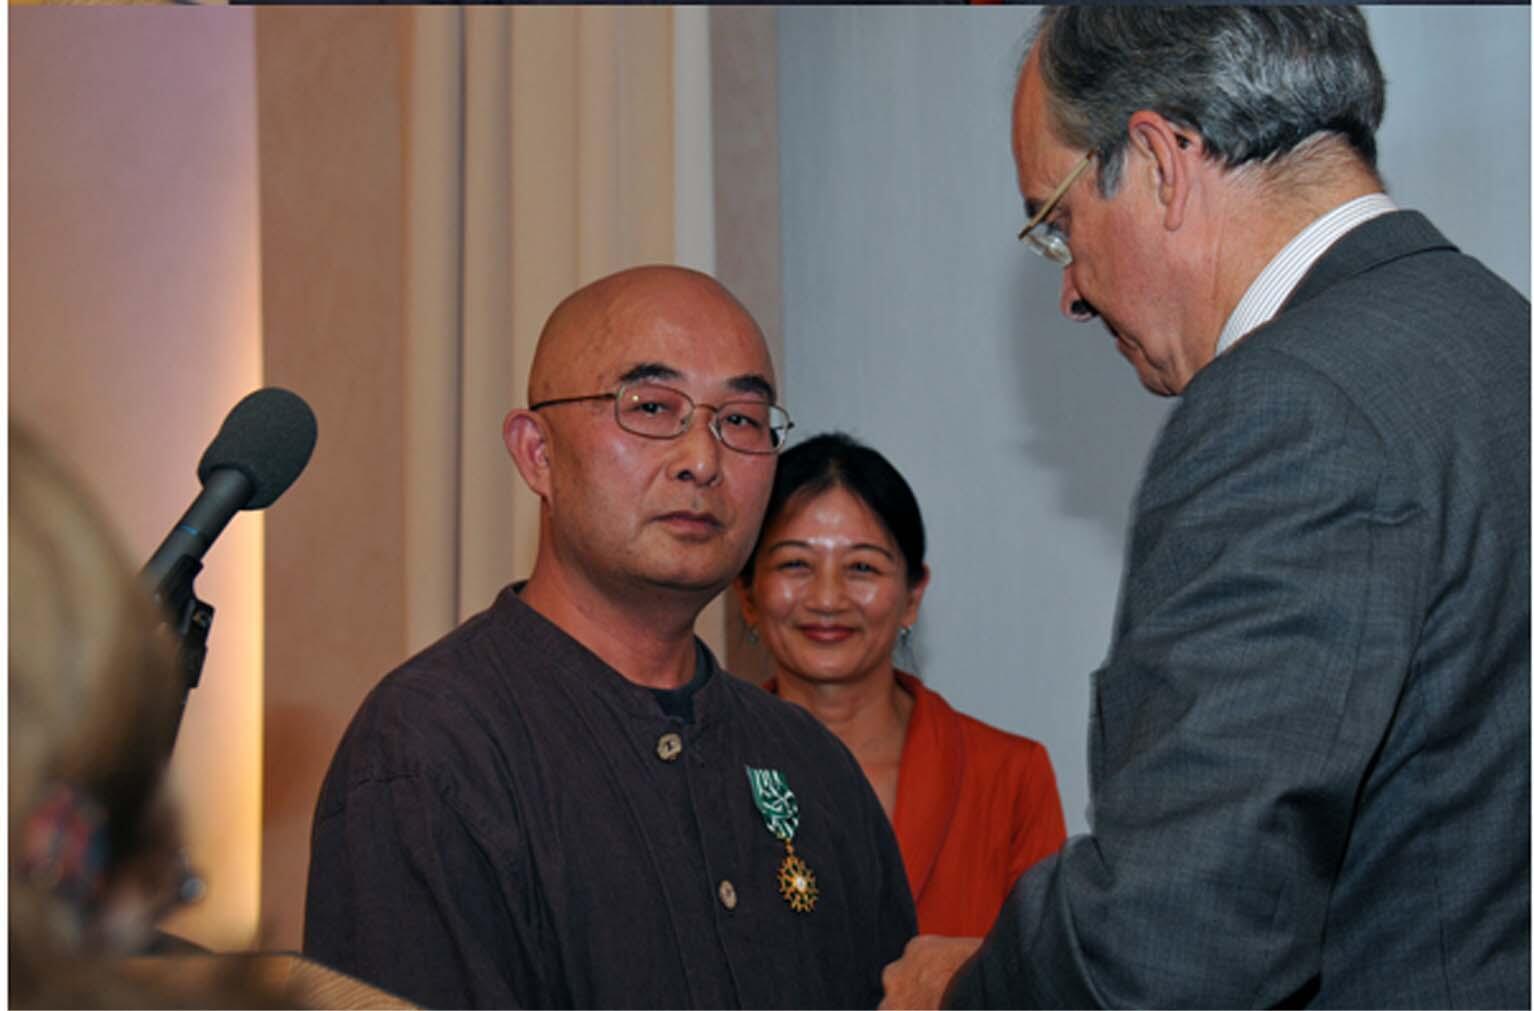 2013年9月9日,法國駐德國大使莫利斯•古爾多-蒙大涅 在柏林法國大使館向廖亦武頒授法蘭西藝術與文學軍官勳章。